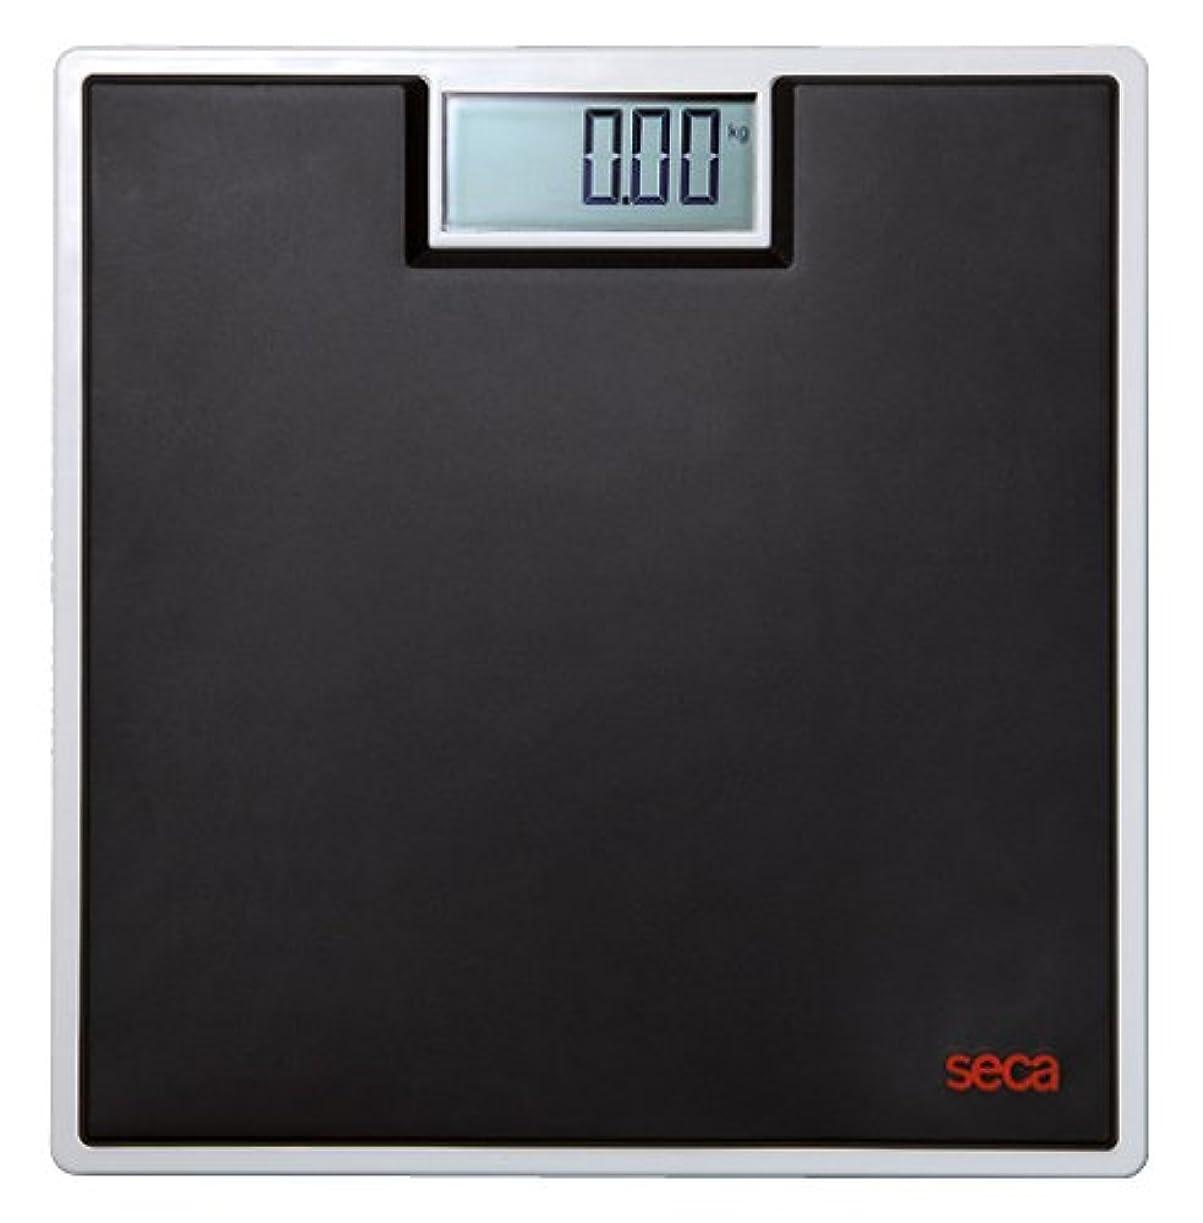 怠良さ慢【最大計量 150kg】 デジタルフラットスケール ブラック seca 803